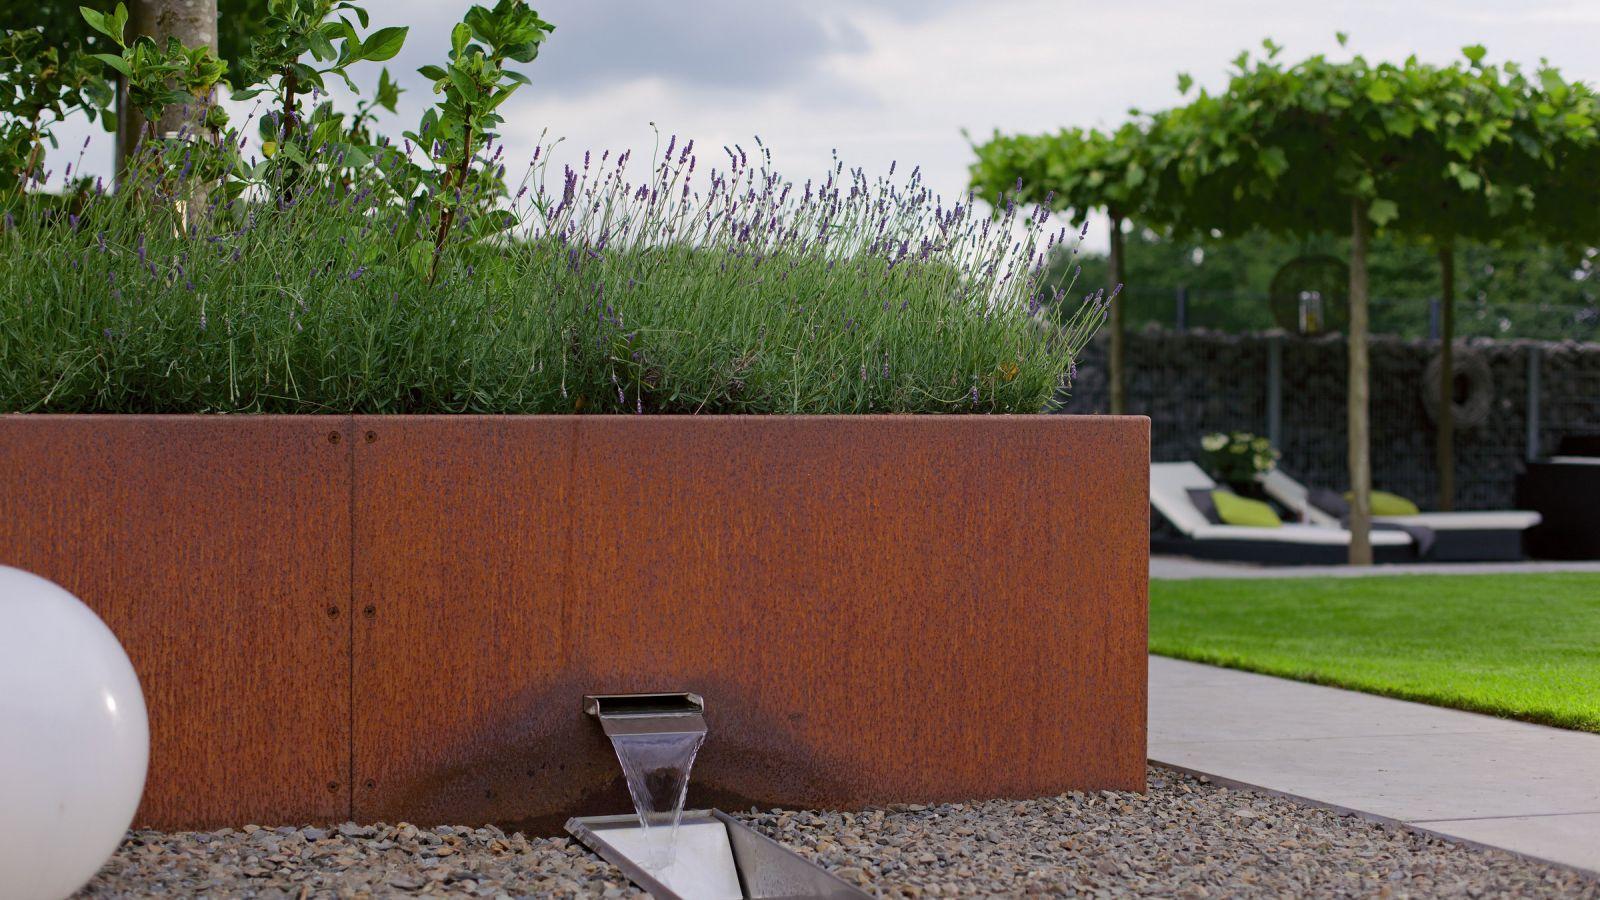 1.12 Designgarten mit exklusiven Details für Ästheten in Werth